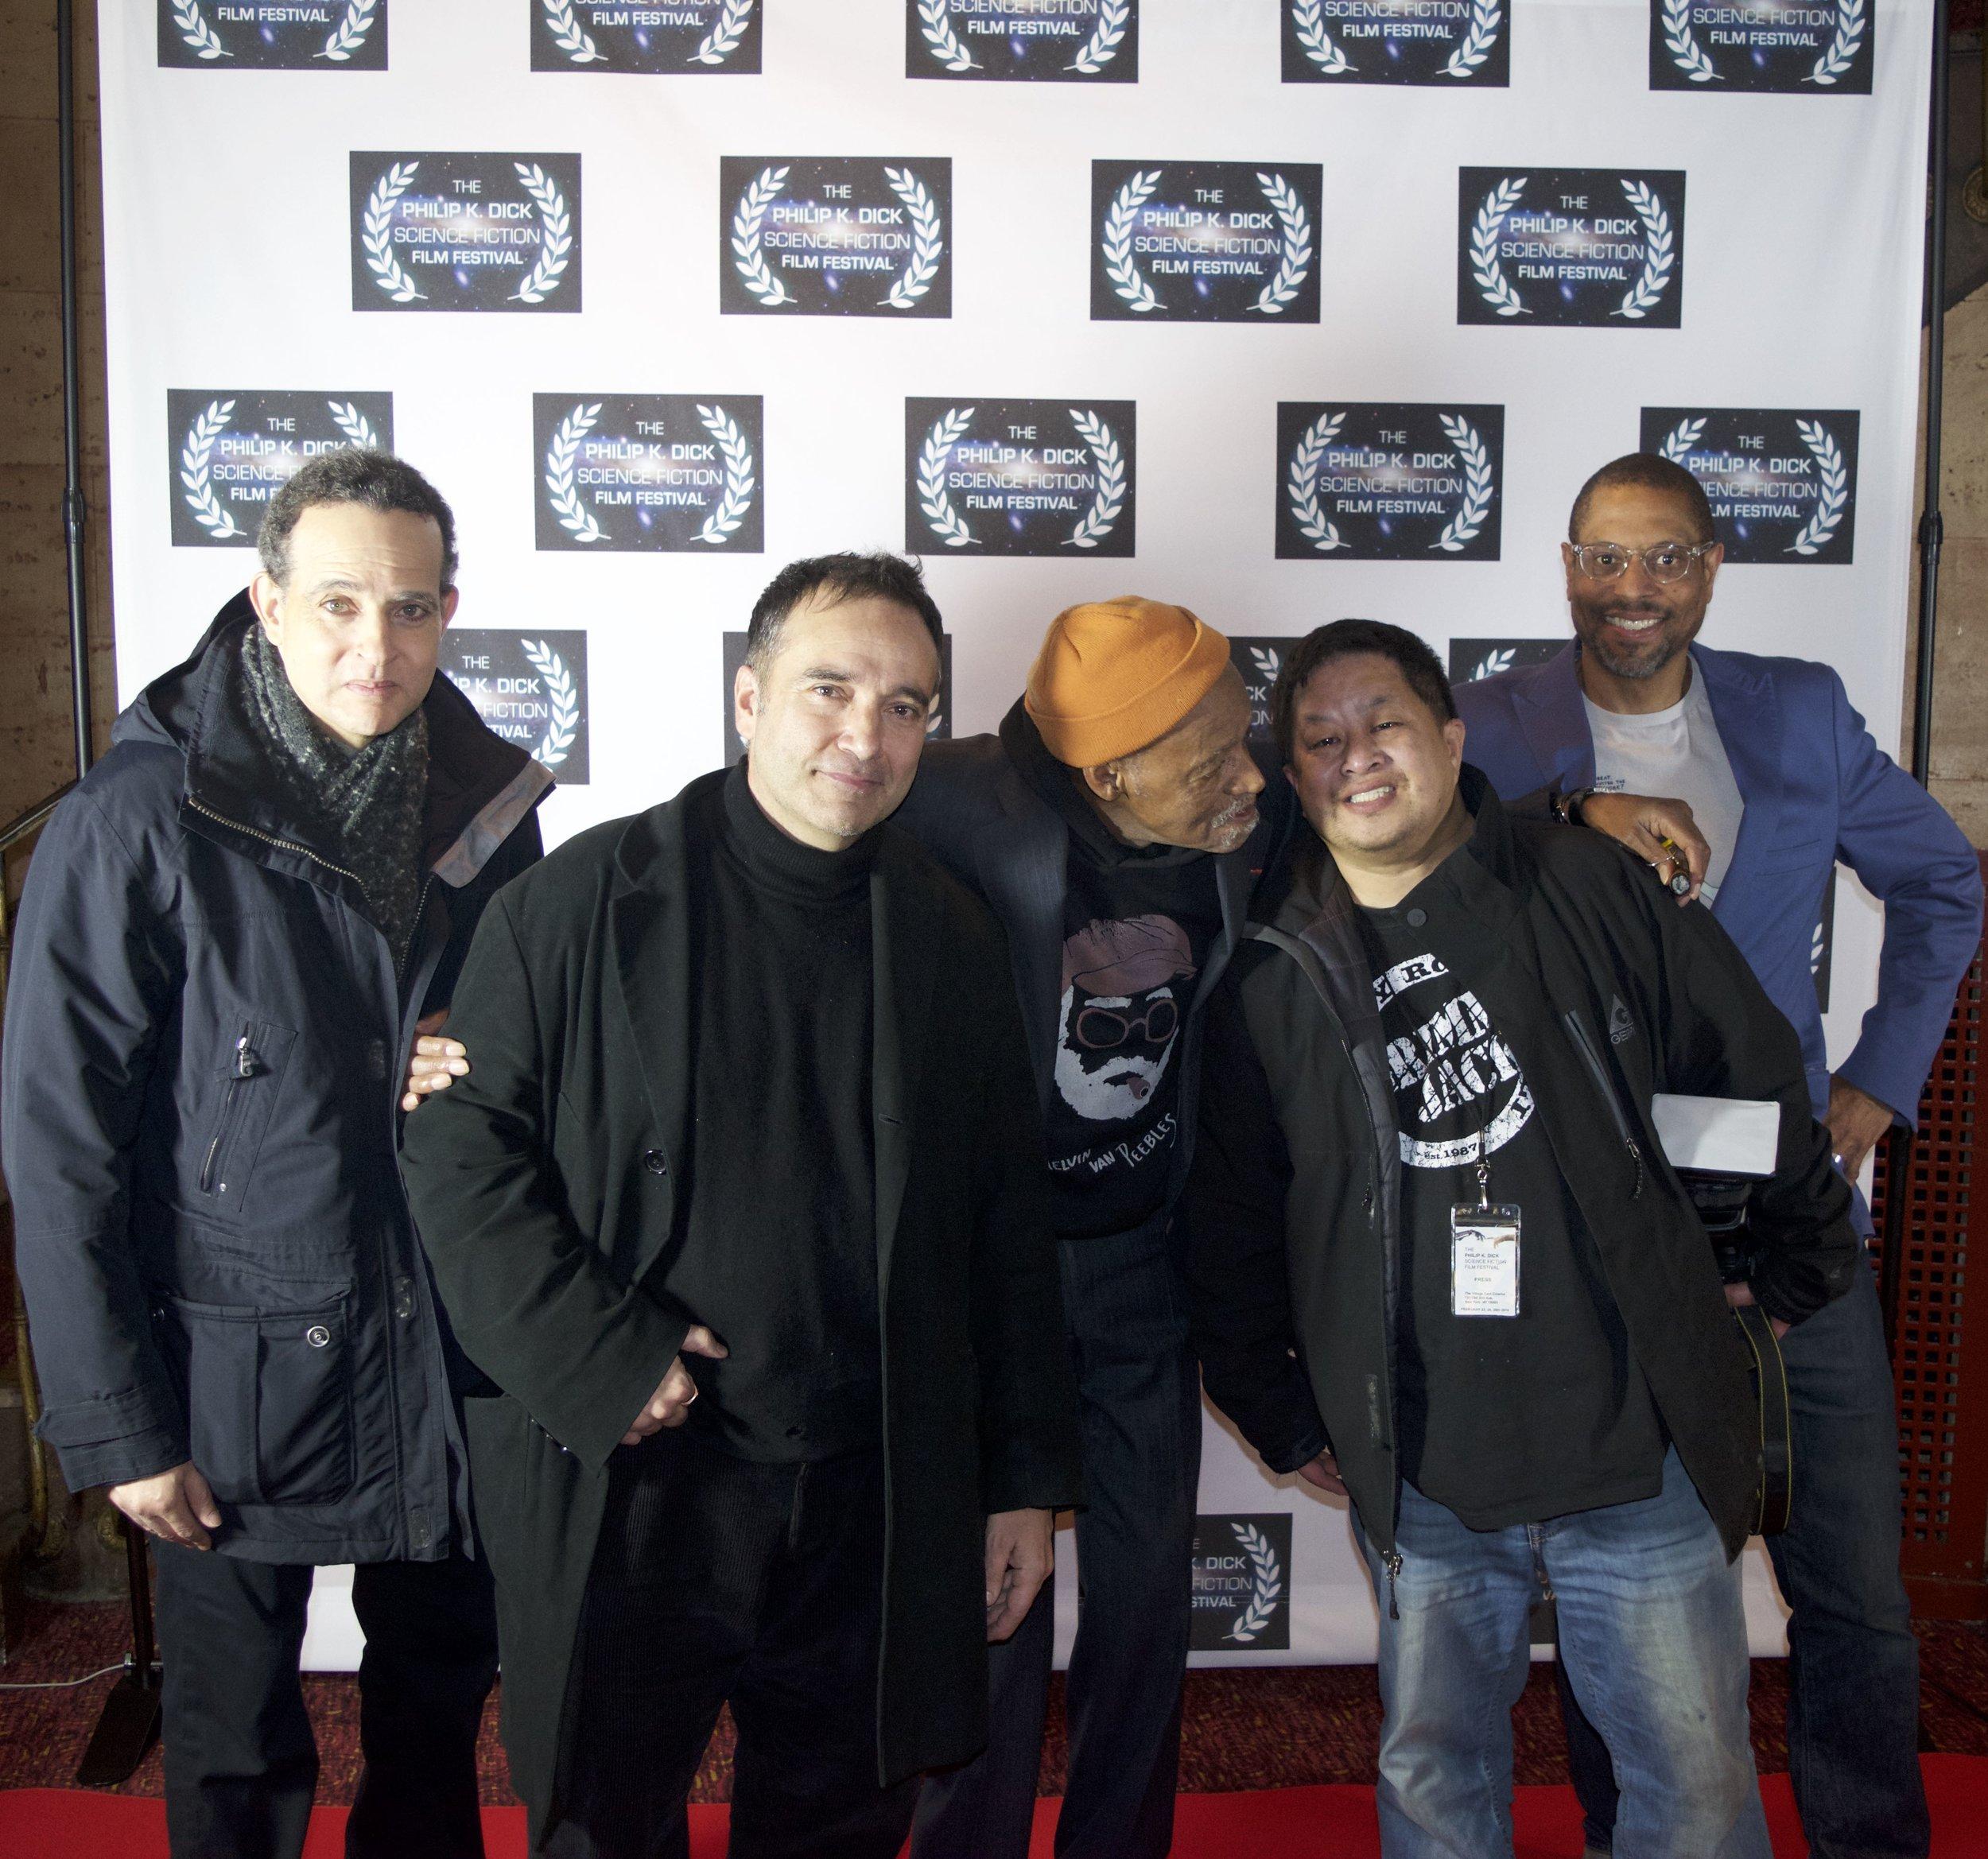 Ken, Dan, Melvin, & Ed 2.jpg